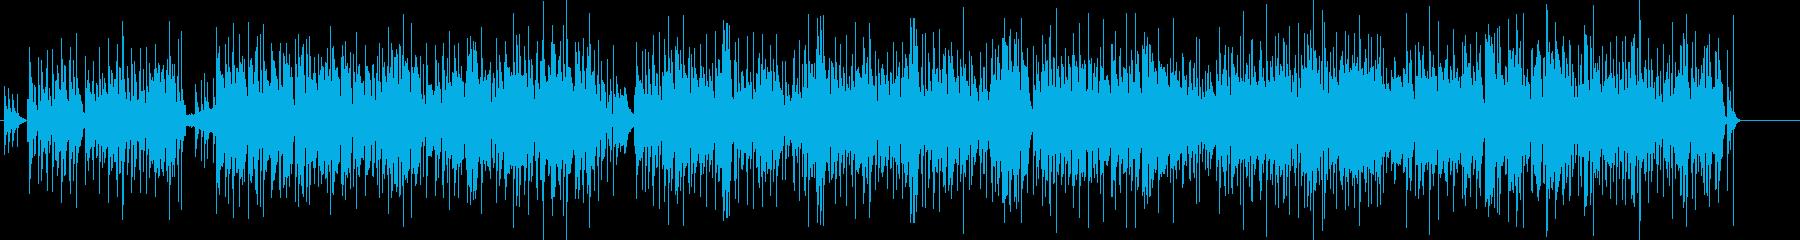 エキゾチックな音色のオーケストラ楽...の再生済みの波形